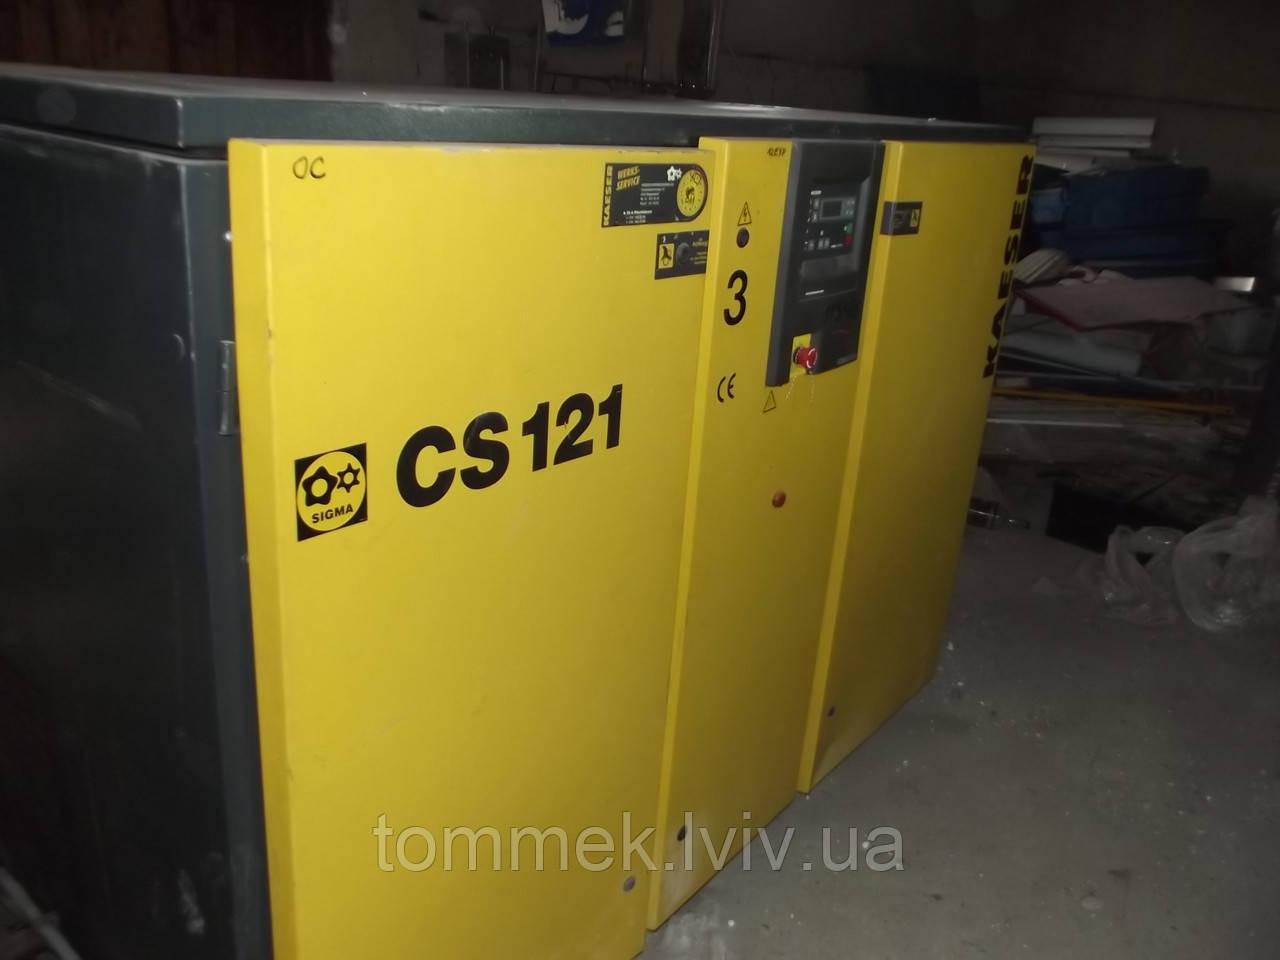 Компресор гвинтовий KAESER CS 121 (до 12,1 м3/хв, 8 бар)